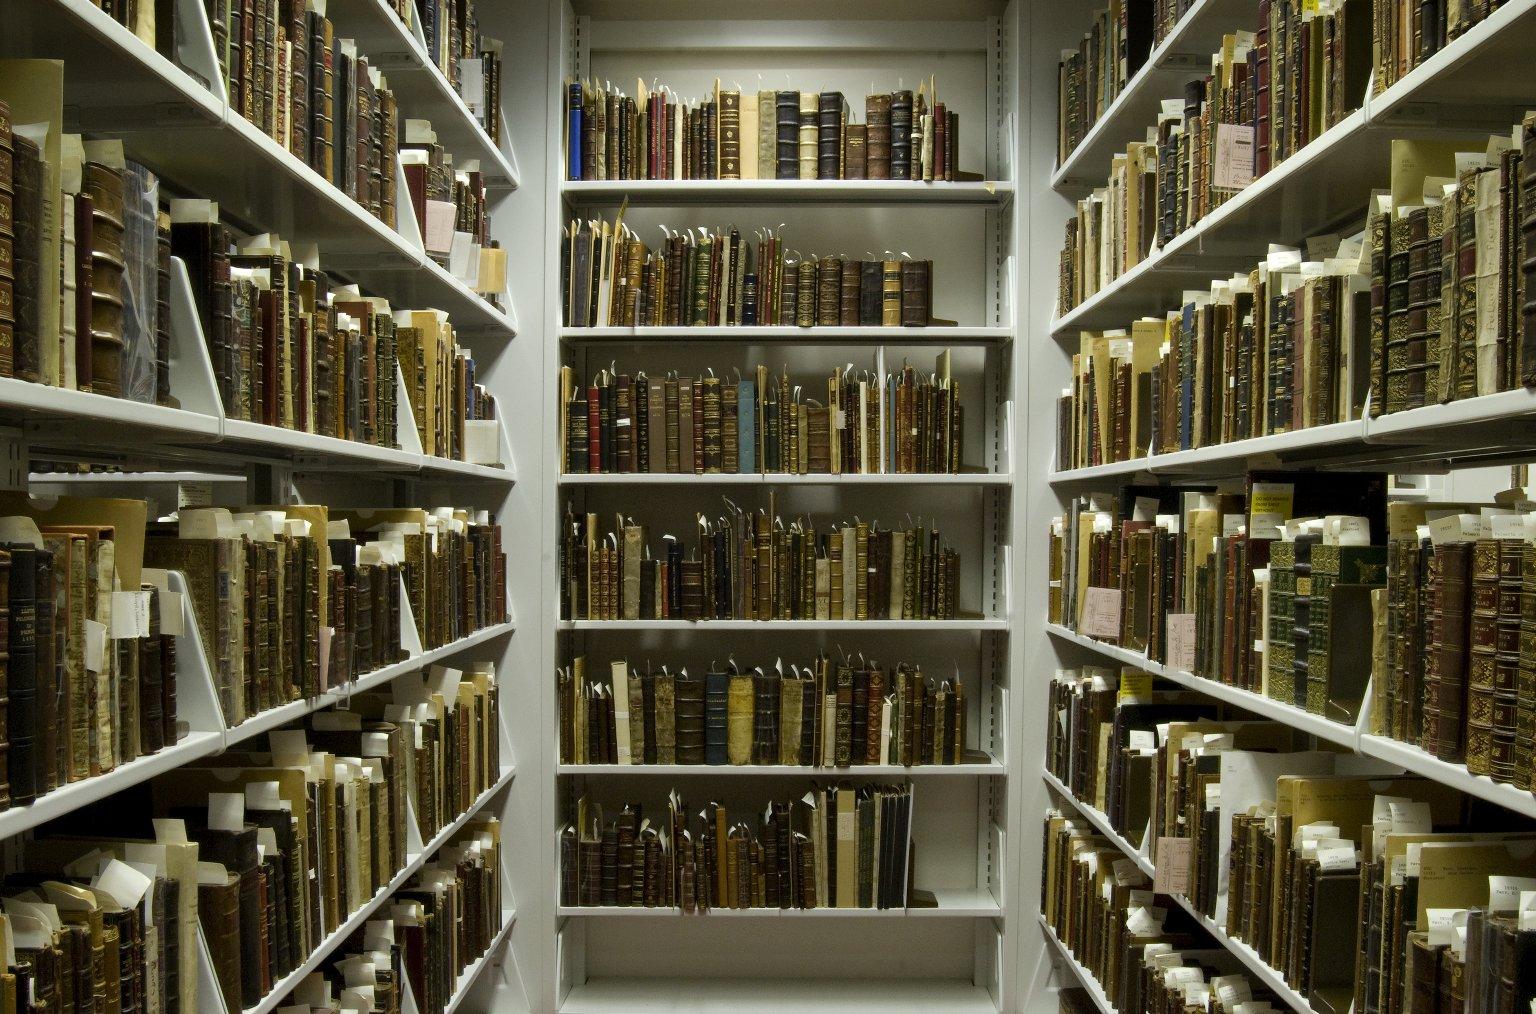 Books in the Folger STC vault